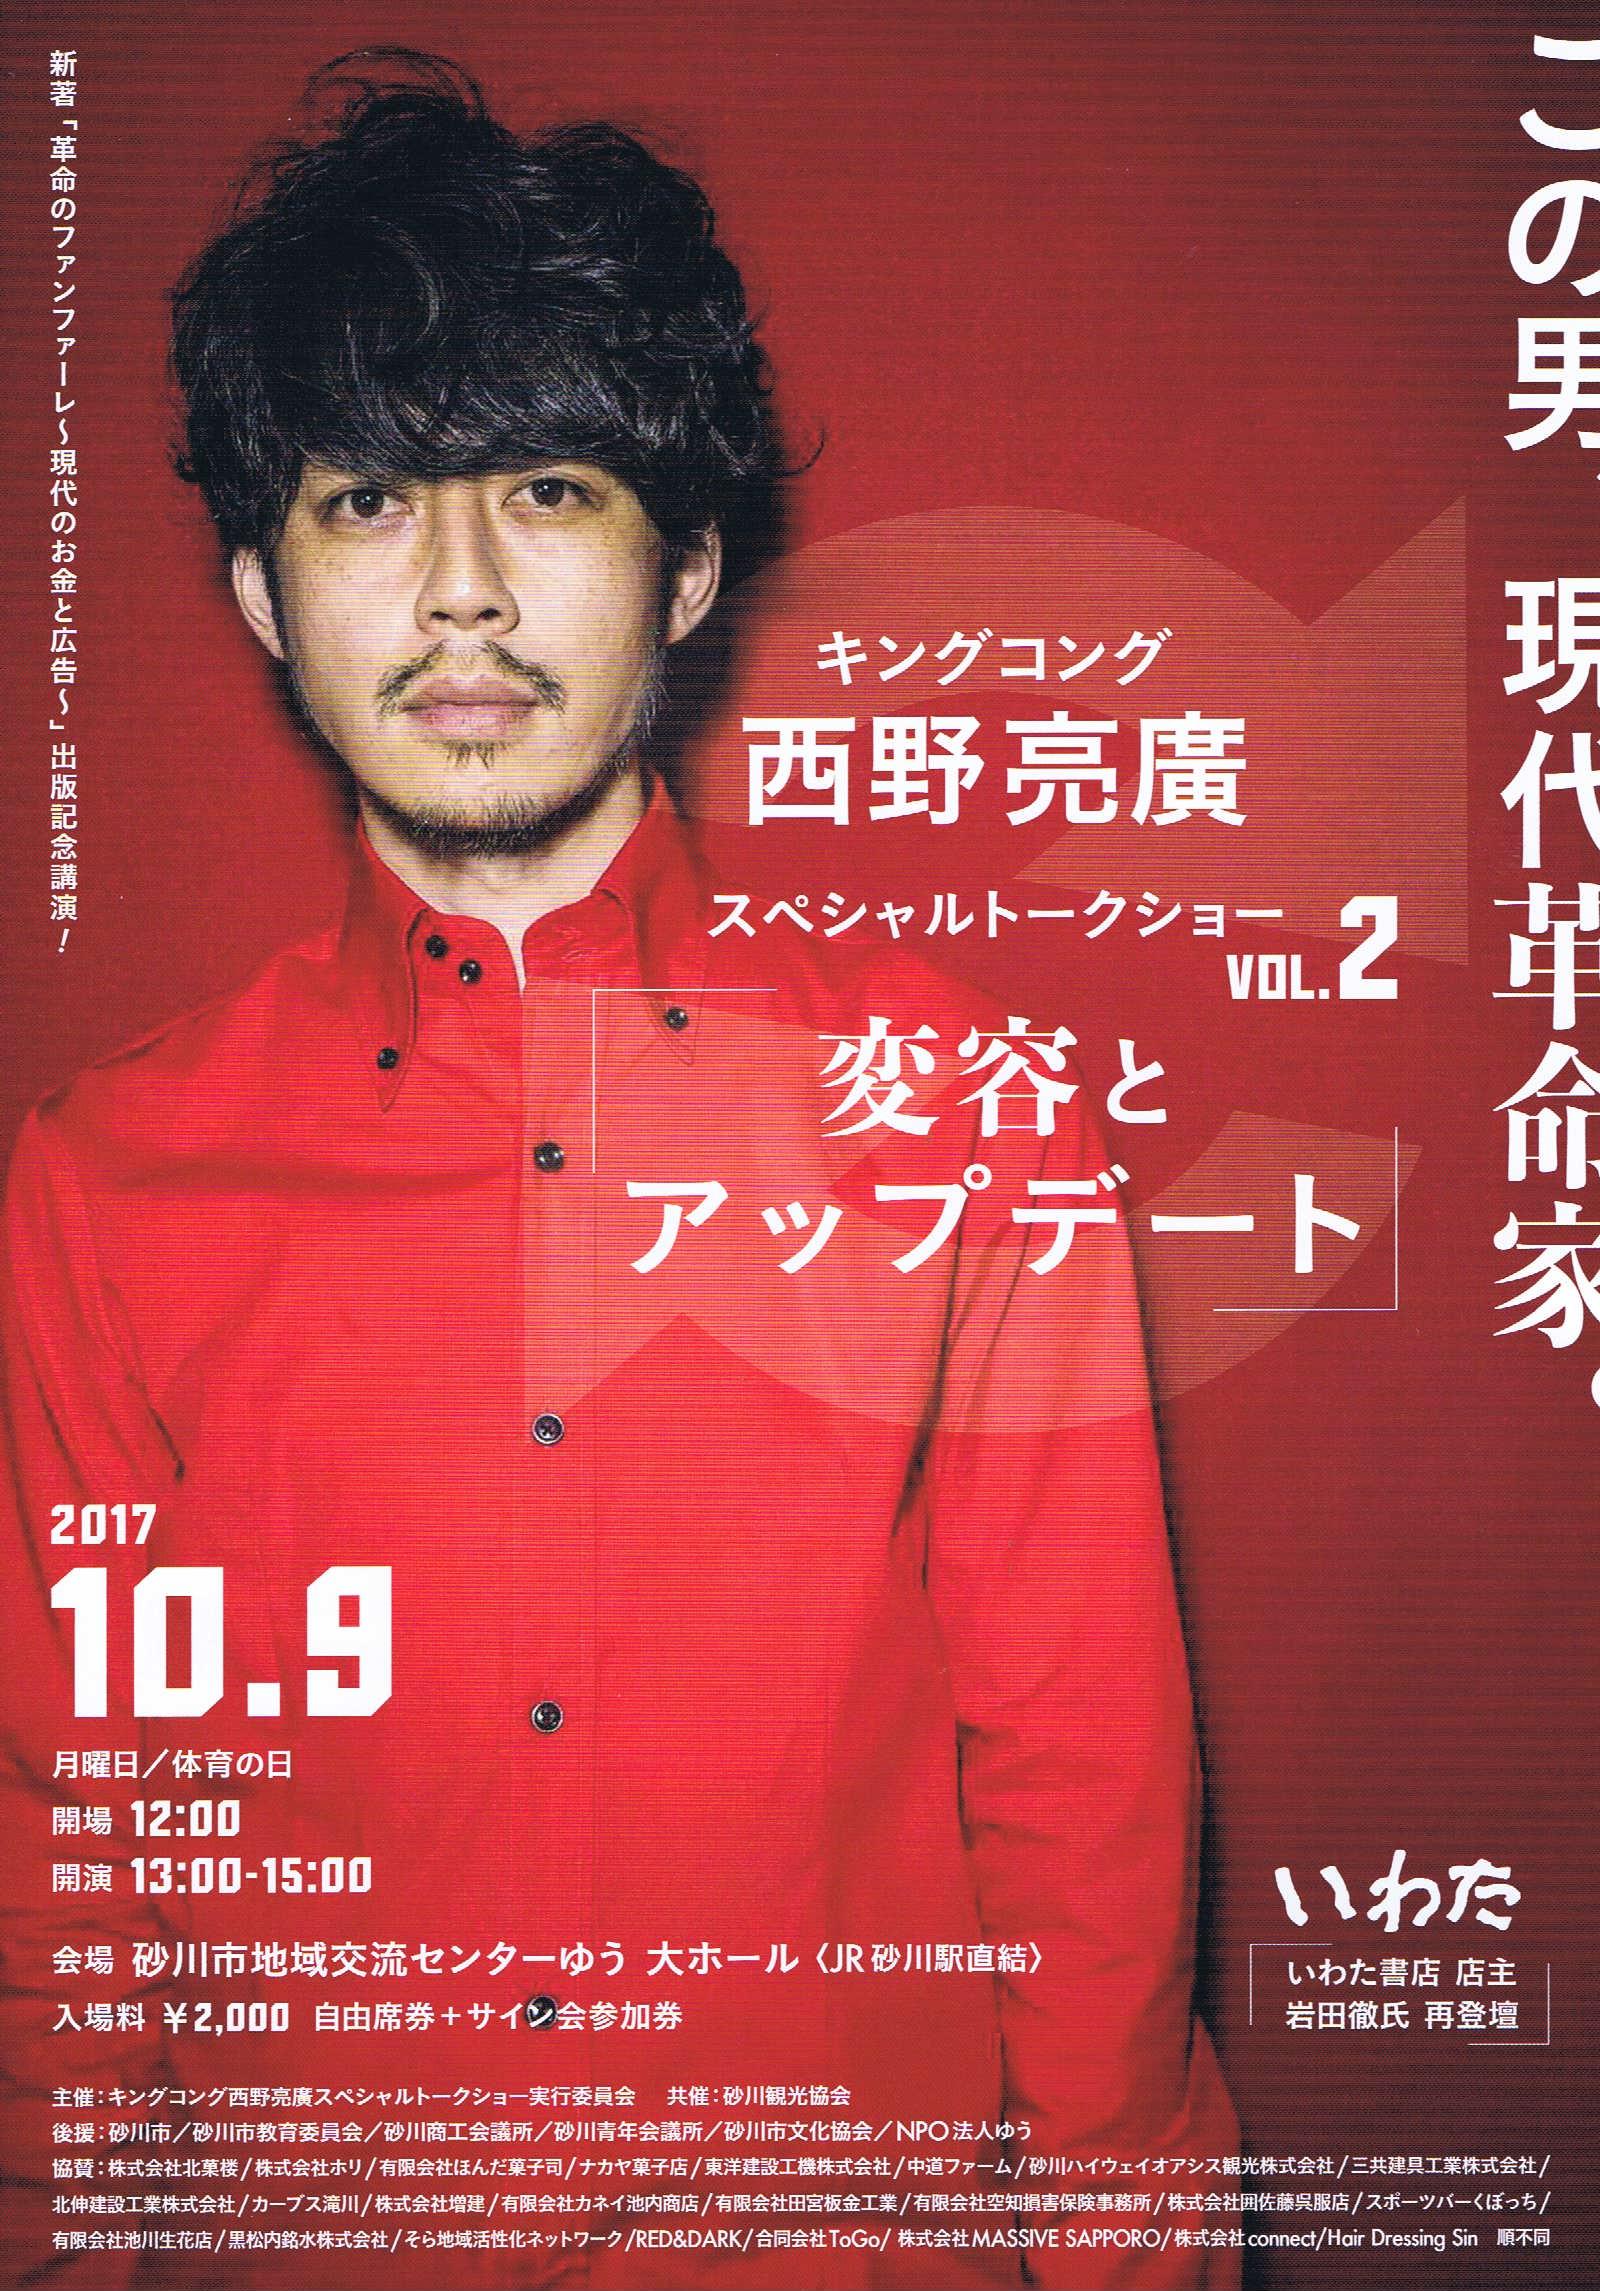 西野亮廣スペシャルトークショーのポスター